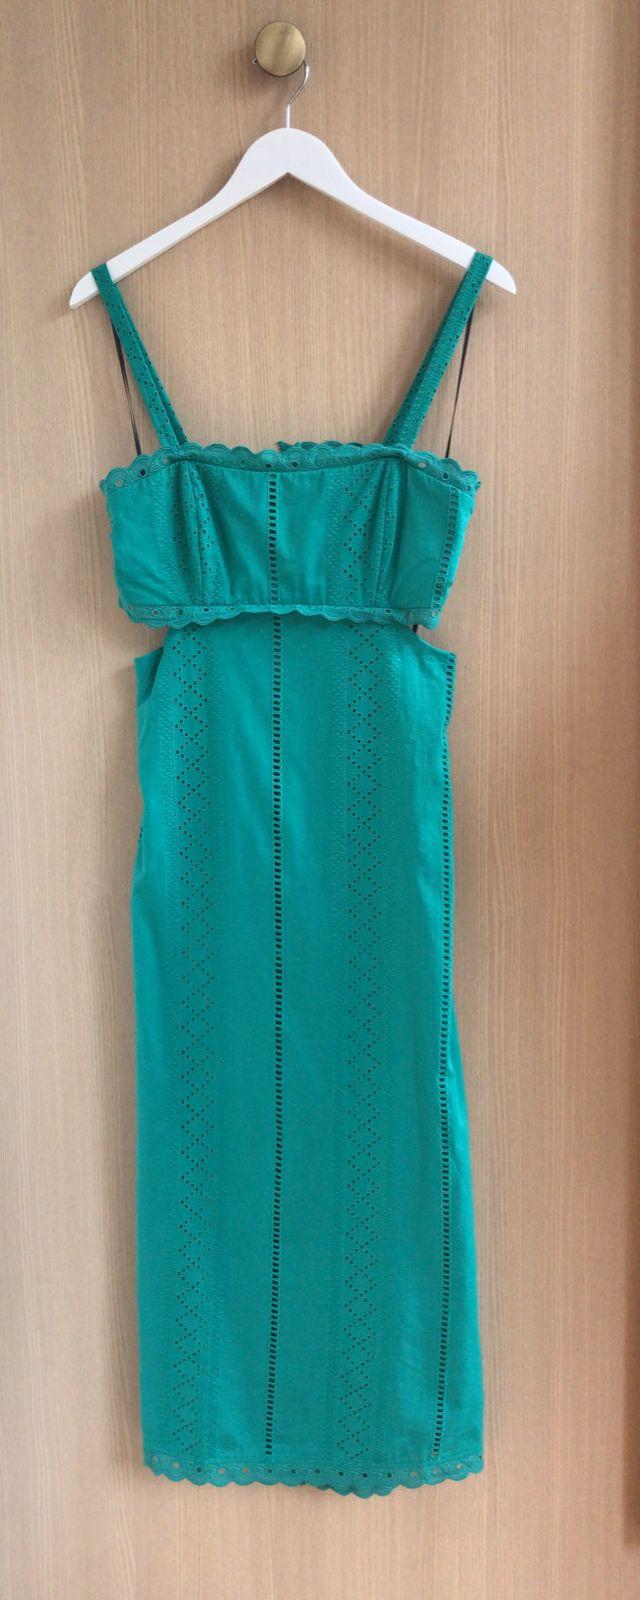 Vestido Rebeca Midi Laise